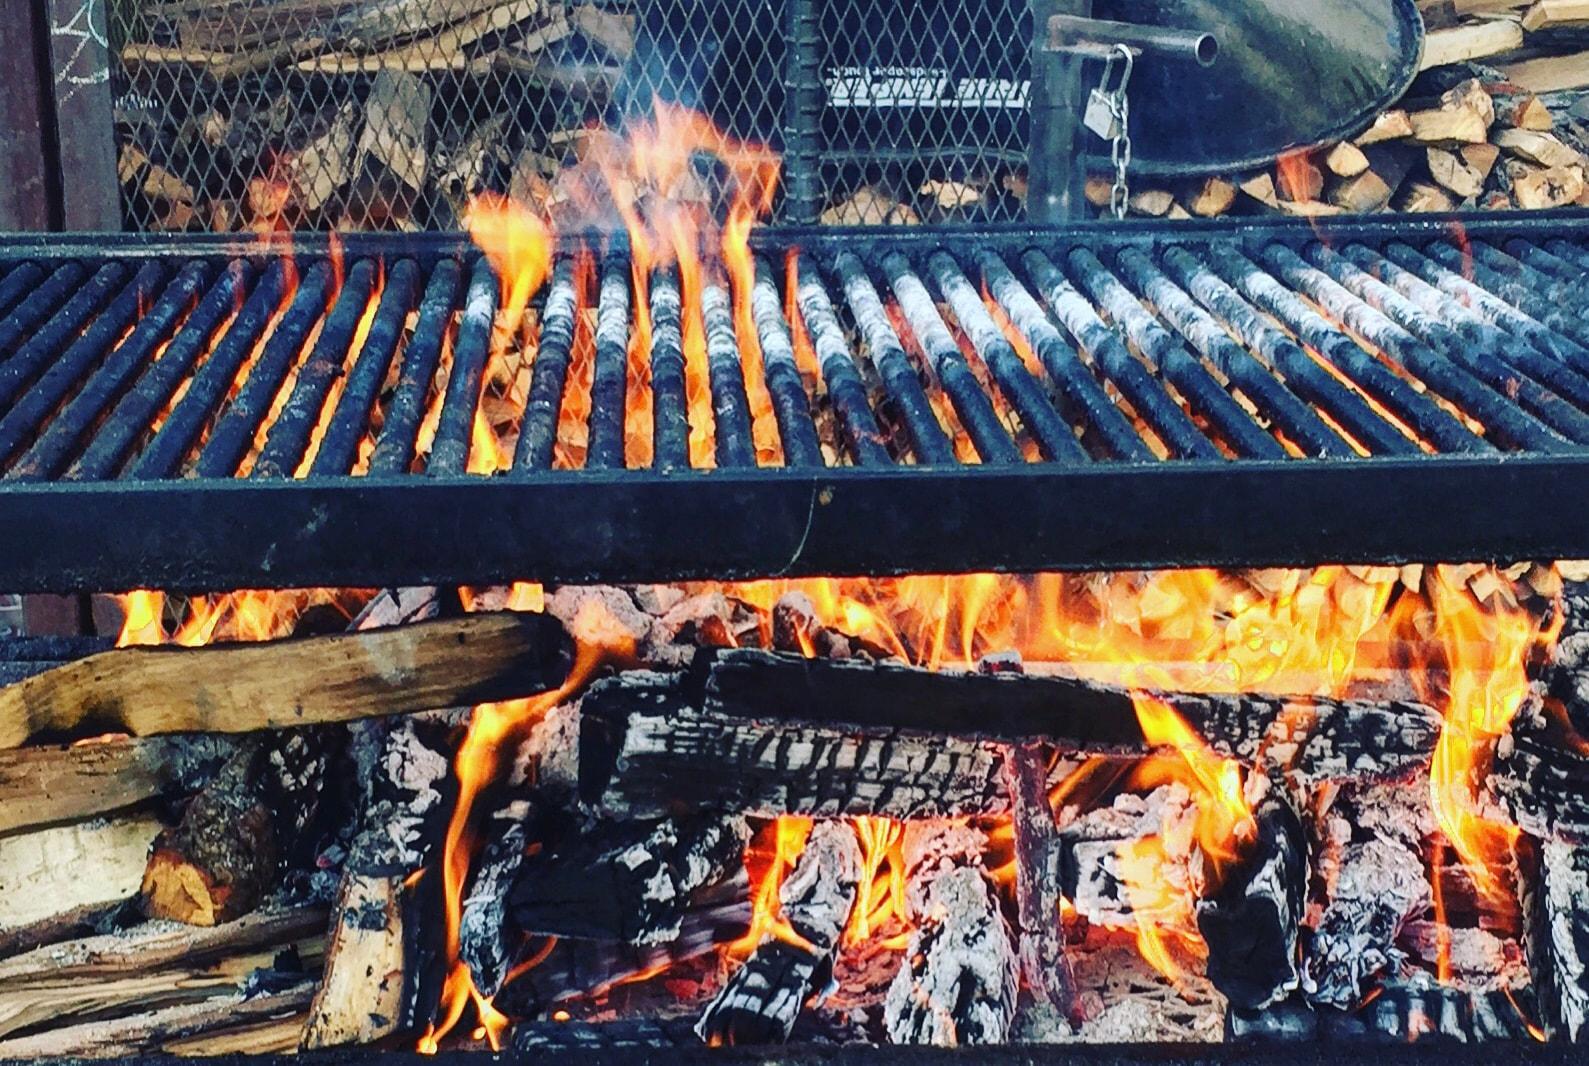 [FRI 9/18, SAT 9/19, SUN 9/20] - Beef Brisket Taco Dinner, Ranchero Baked Beans, End-Of-Summer Roasted Vegetable Family Dinner